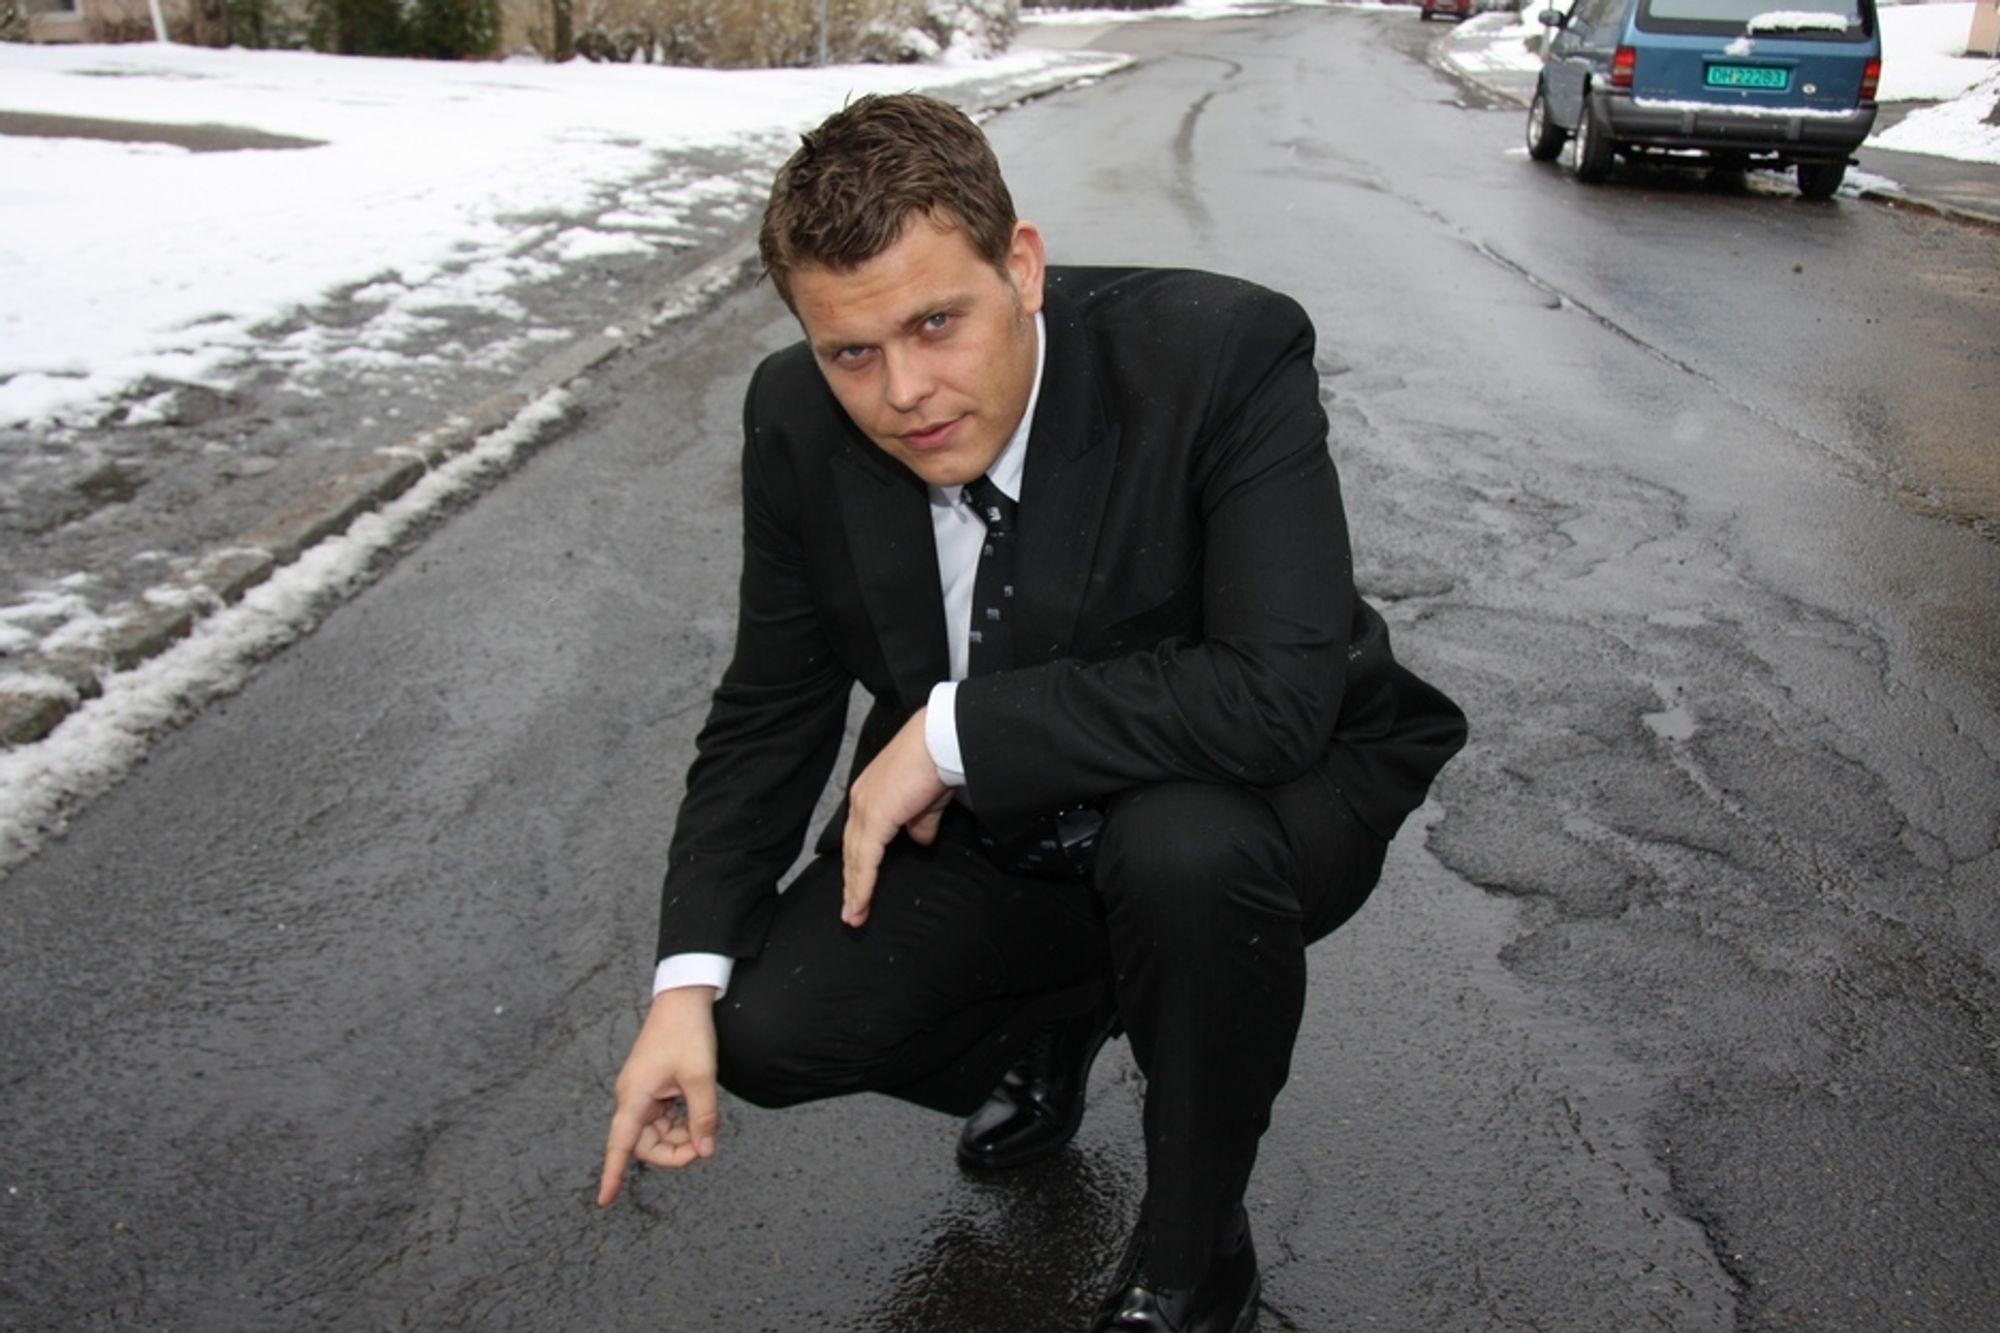 Samferdselsbyråd i Oslo, Jøran Kallmyr, innrømmer at Oslo-veiene ikke vil bli akseptable før en nasjonal kampanje med støtte fra Høyre i Stortinget er på plass.